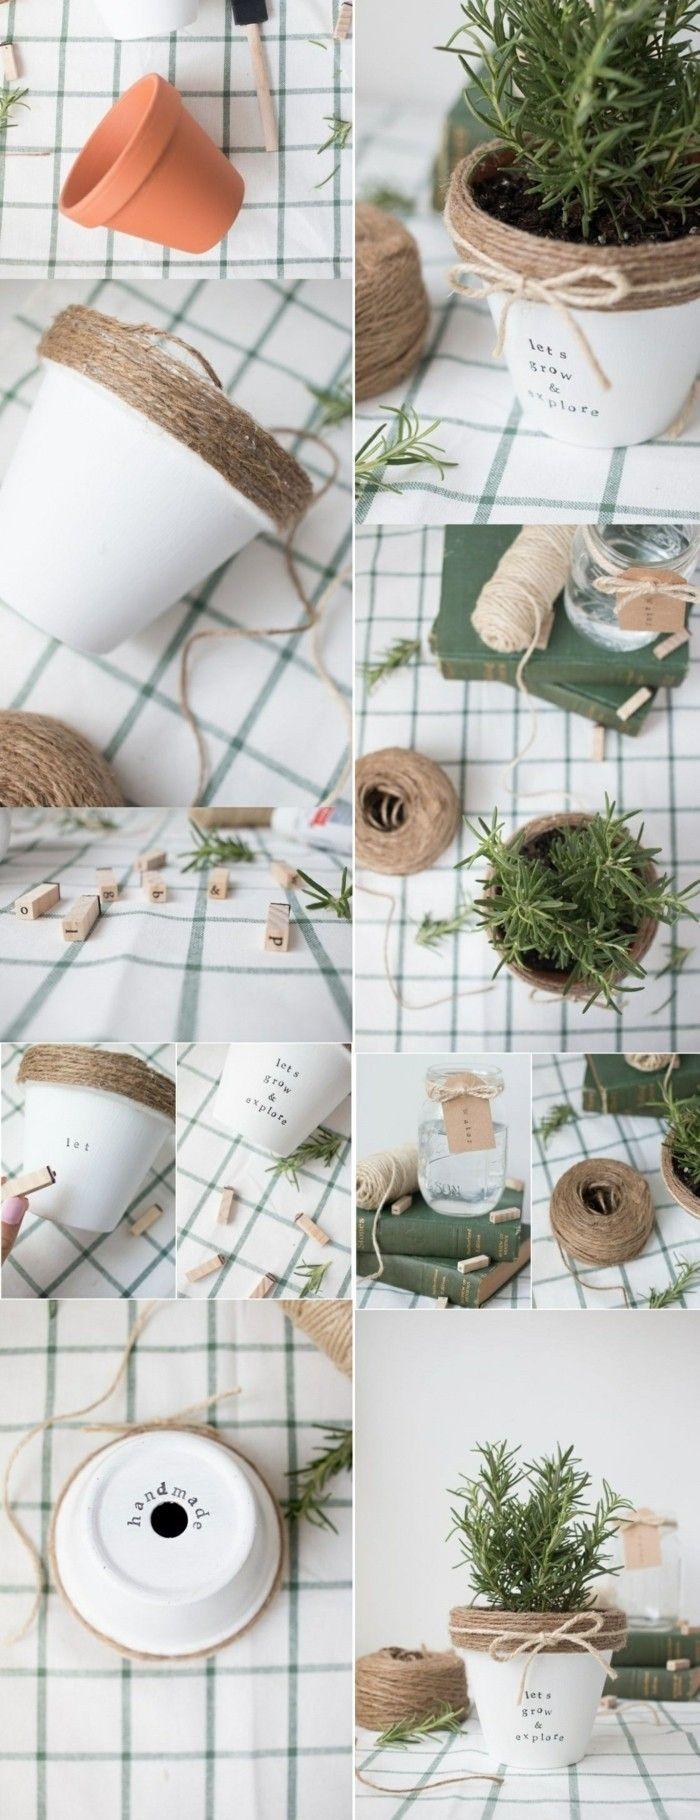 DIY Ideen für Ihr Zuhause: Die Kreativität kennt keine Grenzen – Archzine.net